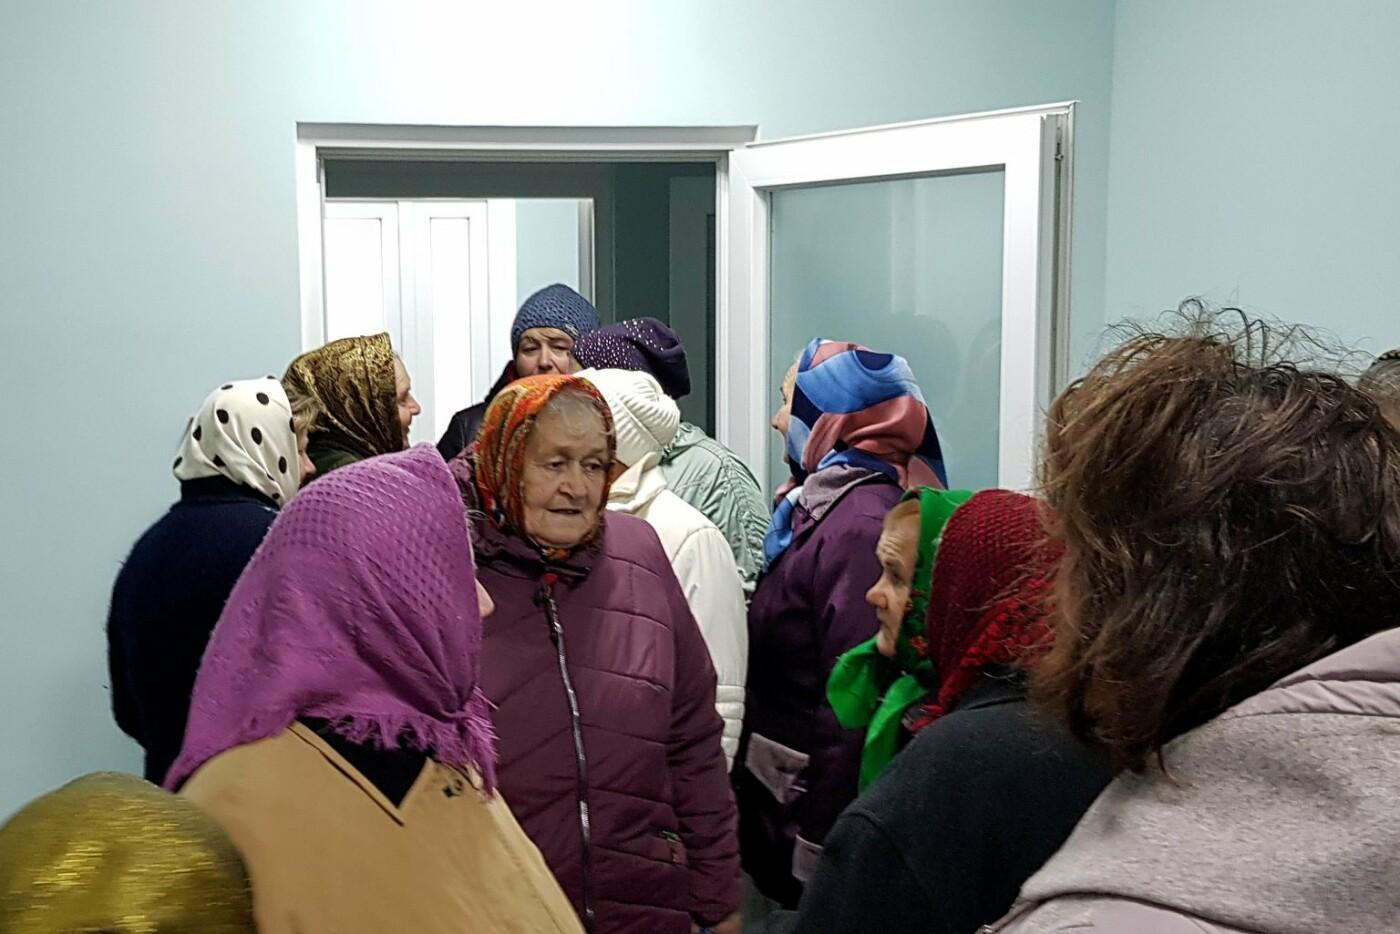 На Кам'янеччині відкрили нову амбулаторію сімейної медицини, фото-10, Фото: Хмельницька ОДА